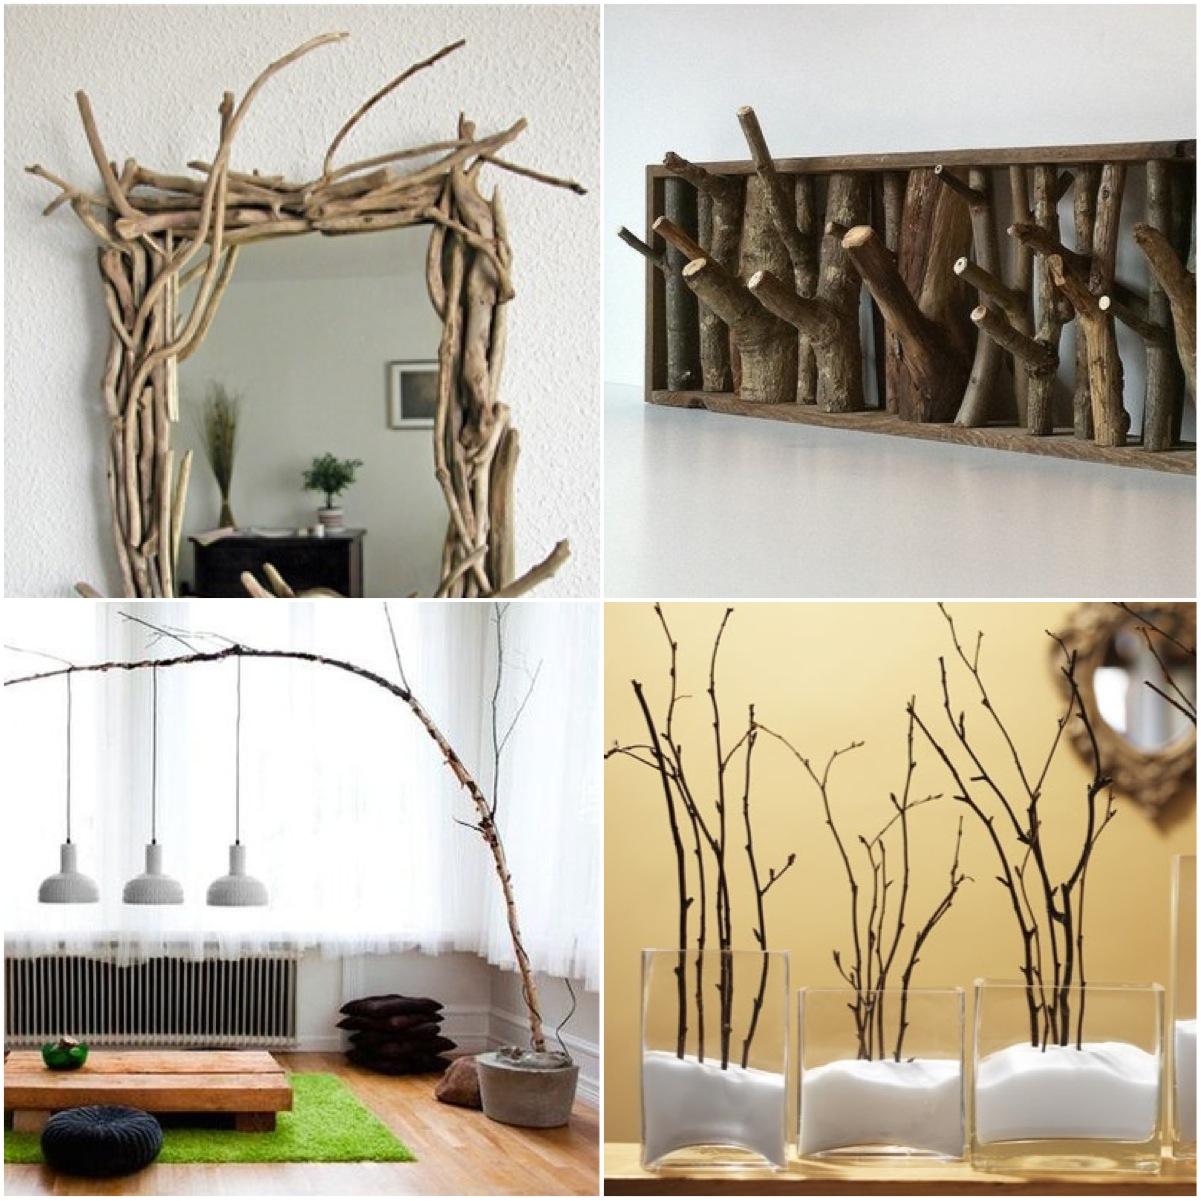 Ветки деревьев в интерьере: оригинальные идеи использования